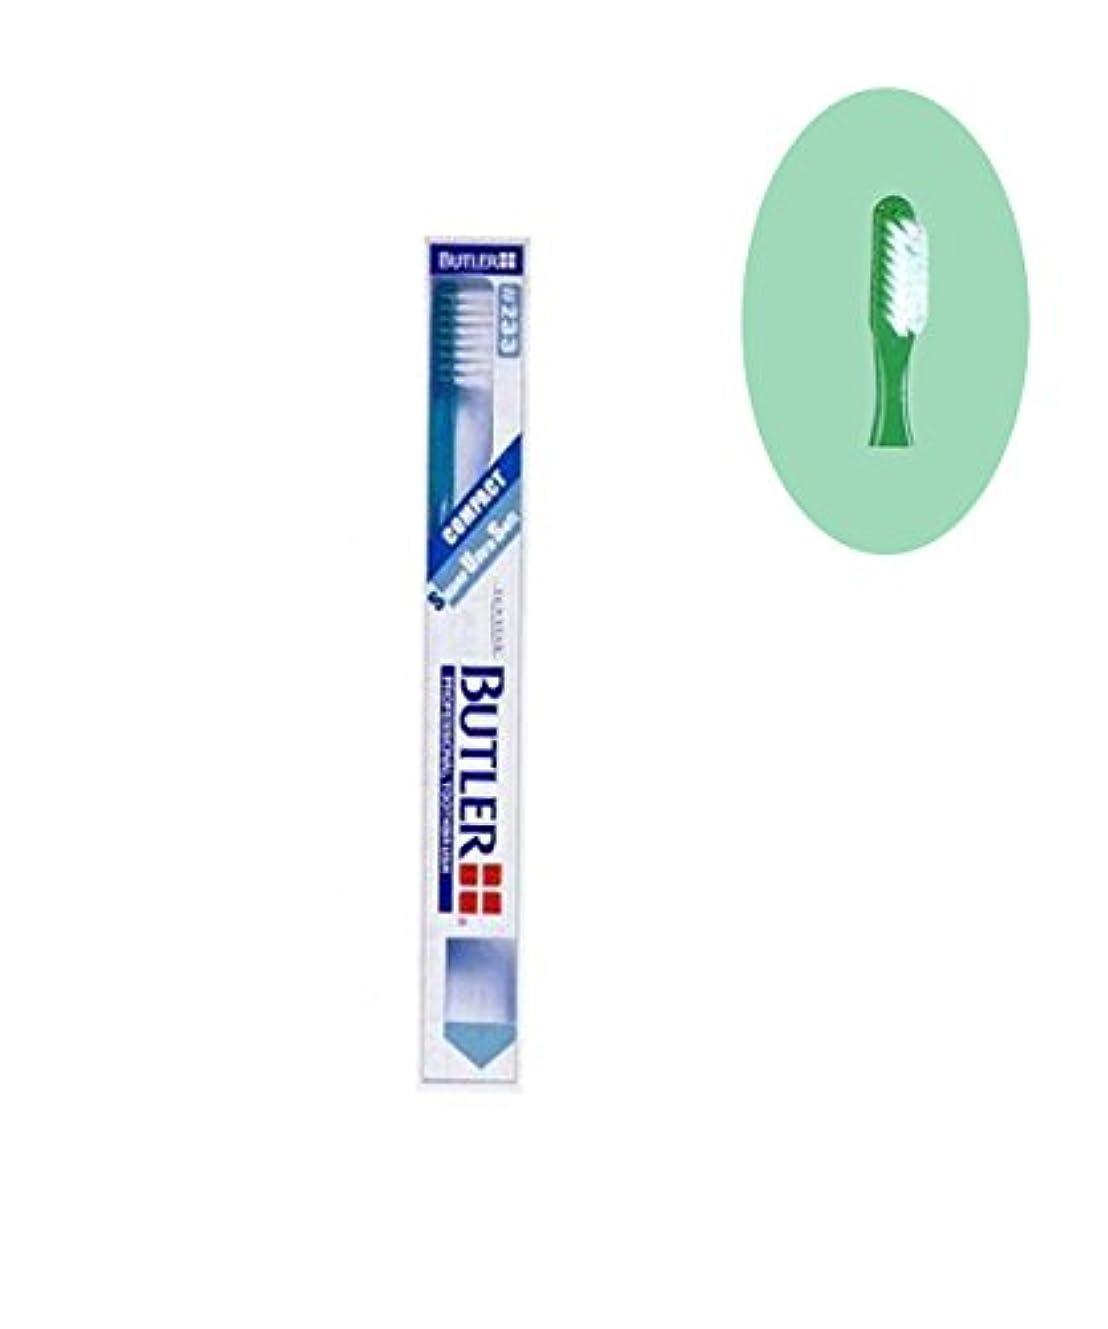 バルブ製品孤独なサンスター バトラー 歯ブラシ #233